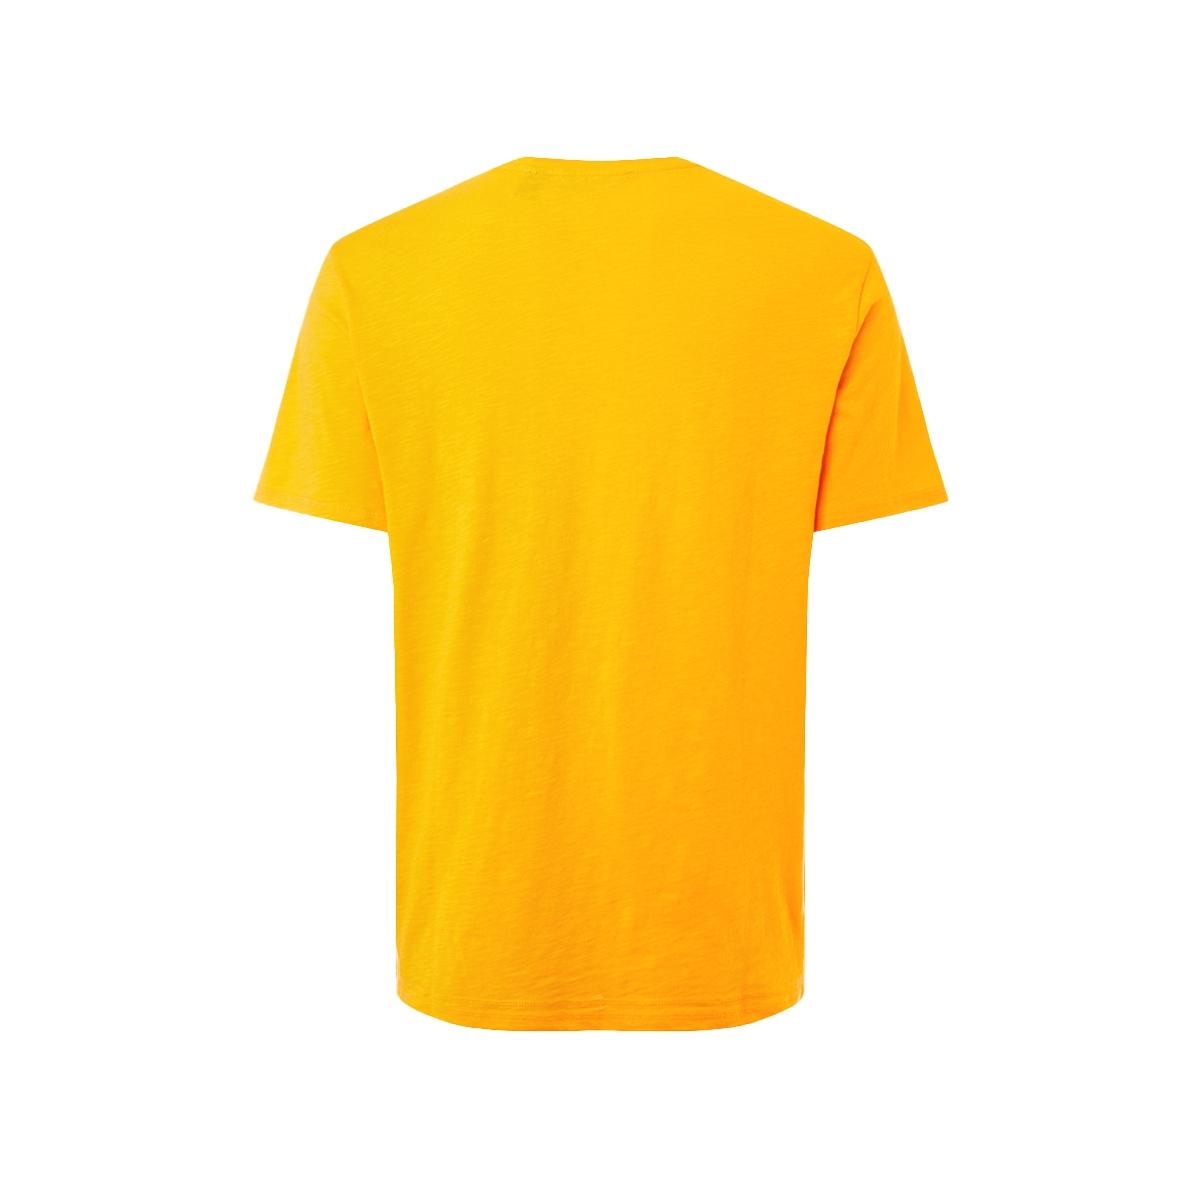 lm essentials t shirt 0a2334 o`neill t-shirt 2012 golden yellow